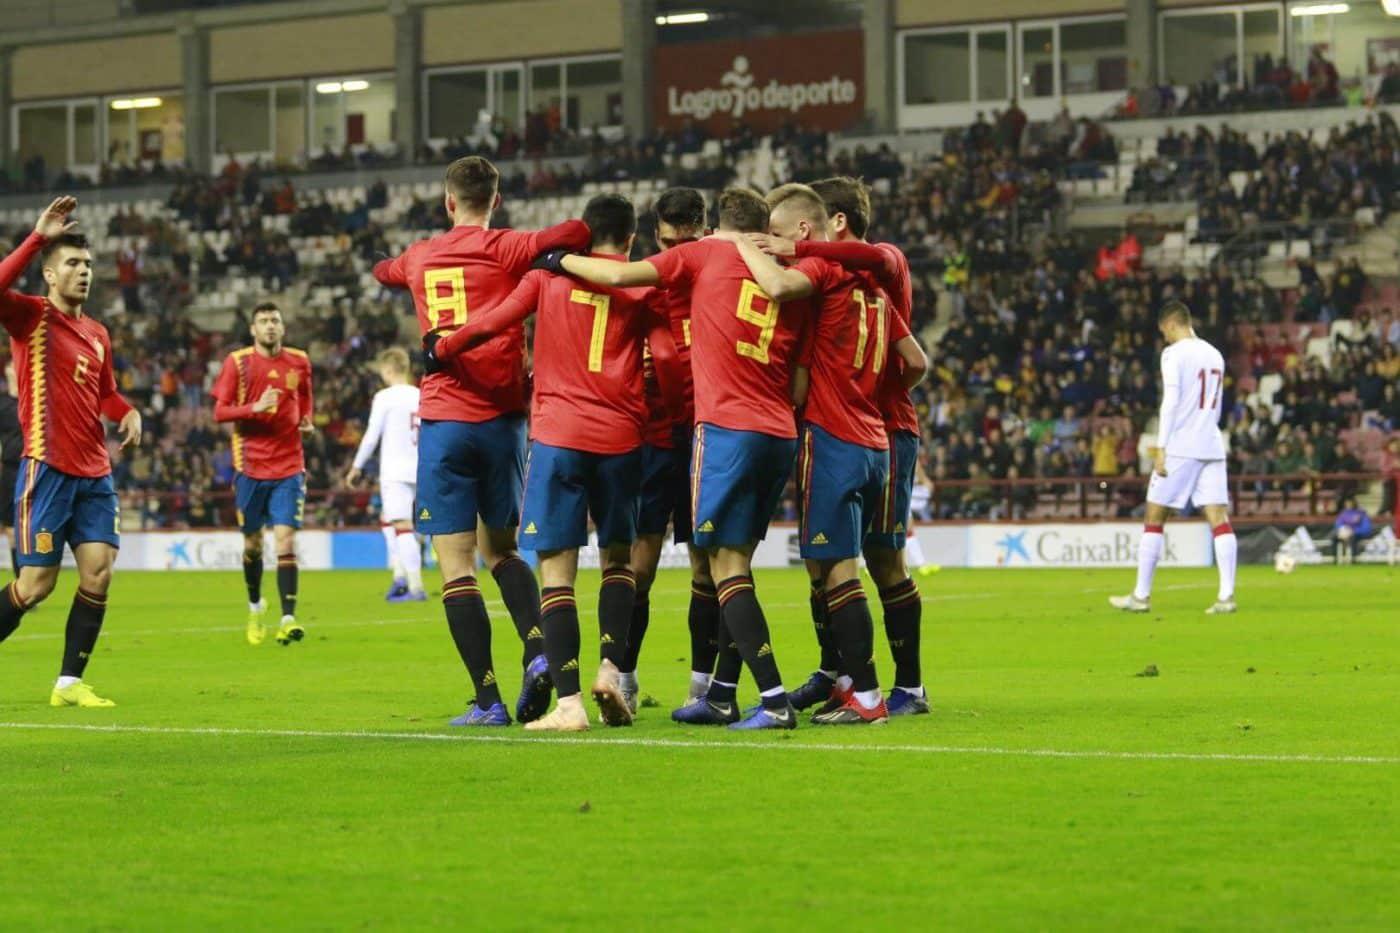 La Sub-21 de Luis de la Fuente remonta y golea en Las Gaunas 24